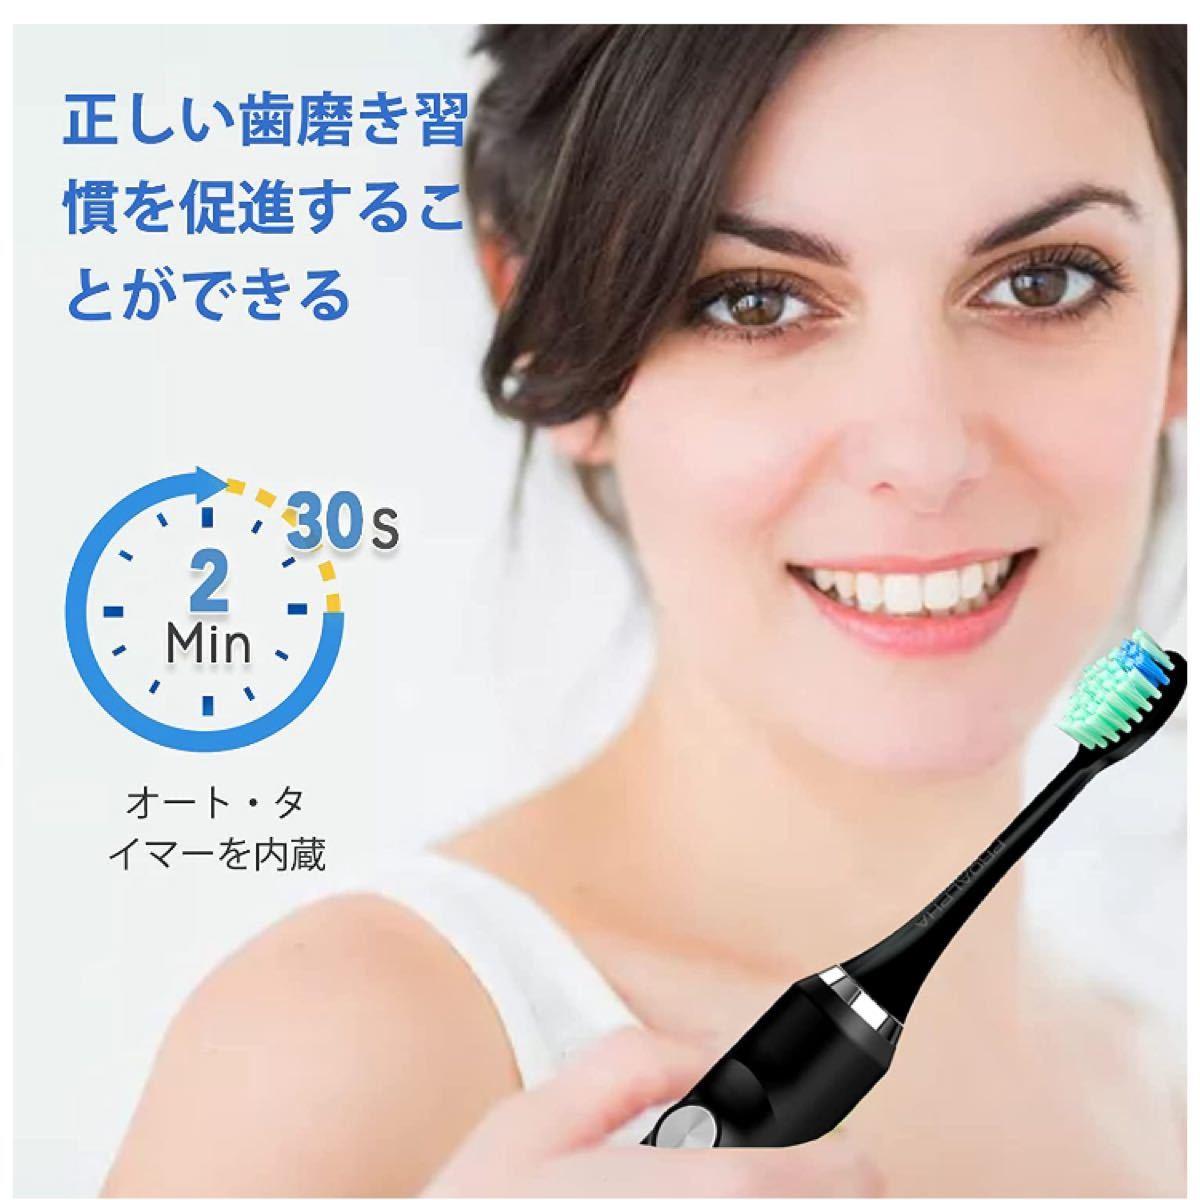 電動歯ブラシ 音波歯ブラシ ソニック USB充電式 IPX7防水 替えブラ5本